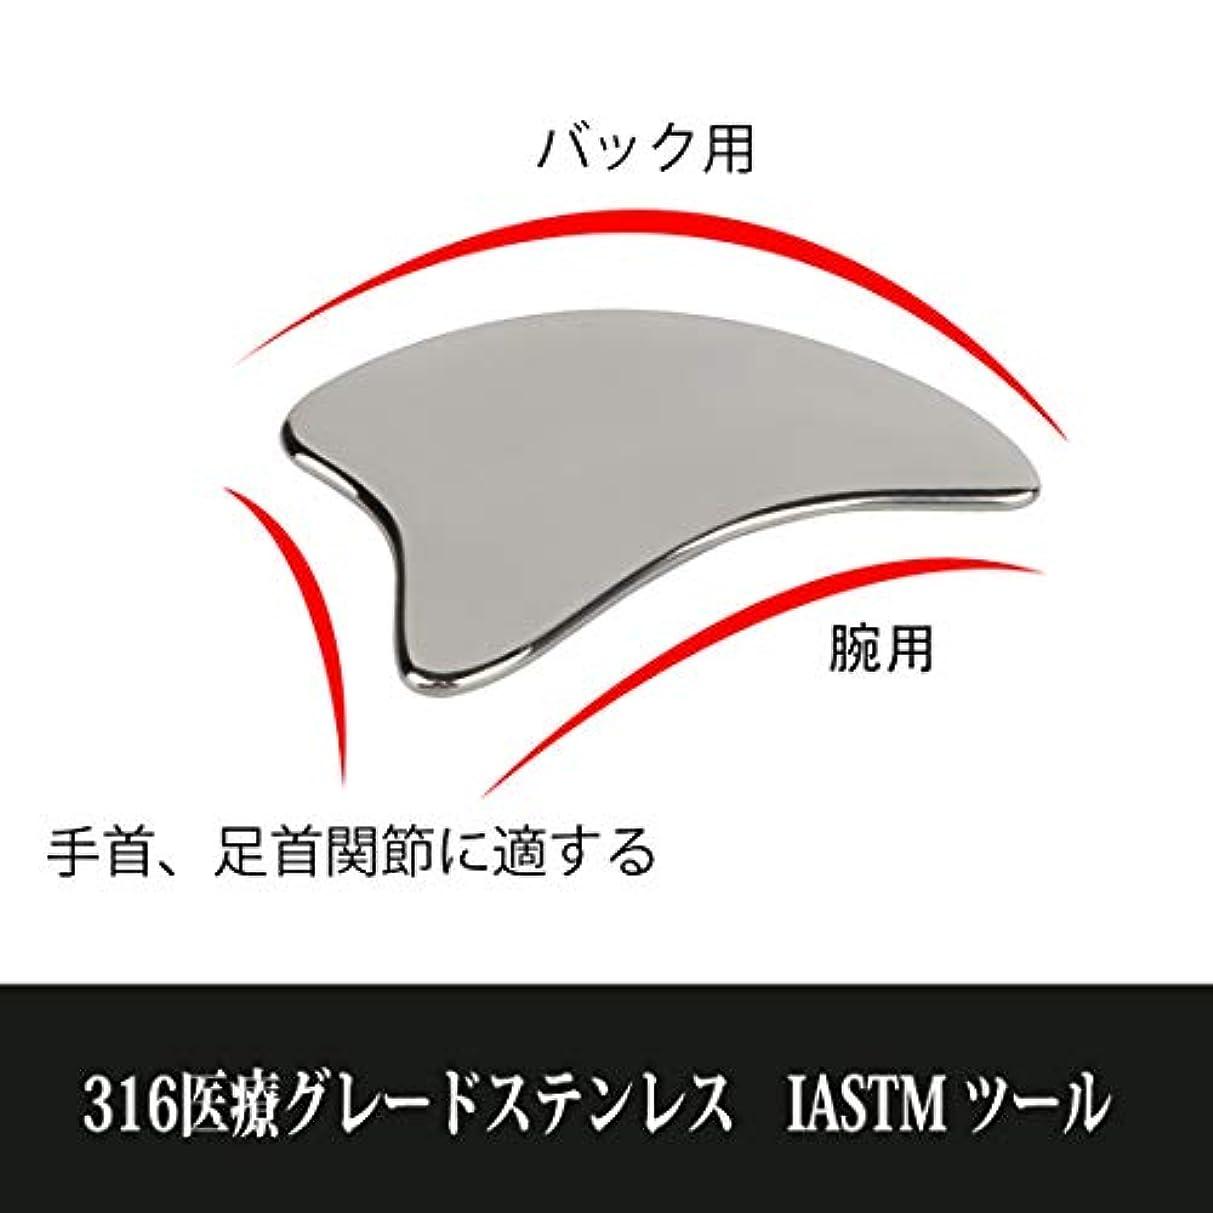 リビジョン解決するステンレスステンレス かっさプレート かっさ かっさマッサージ 筋膜リリースツール IASTM 顔&体にマッサージ ほうれい線の消すに役立つ 羽根型